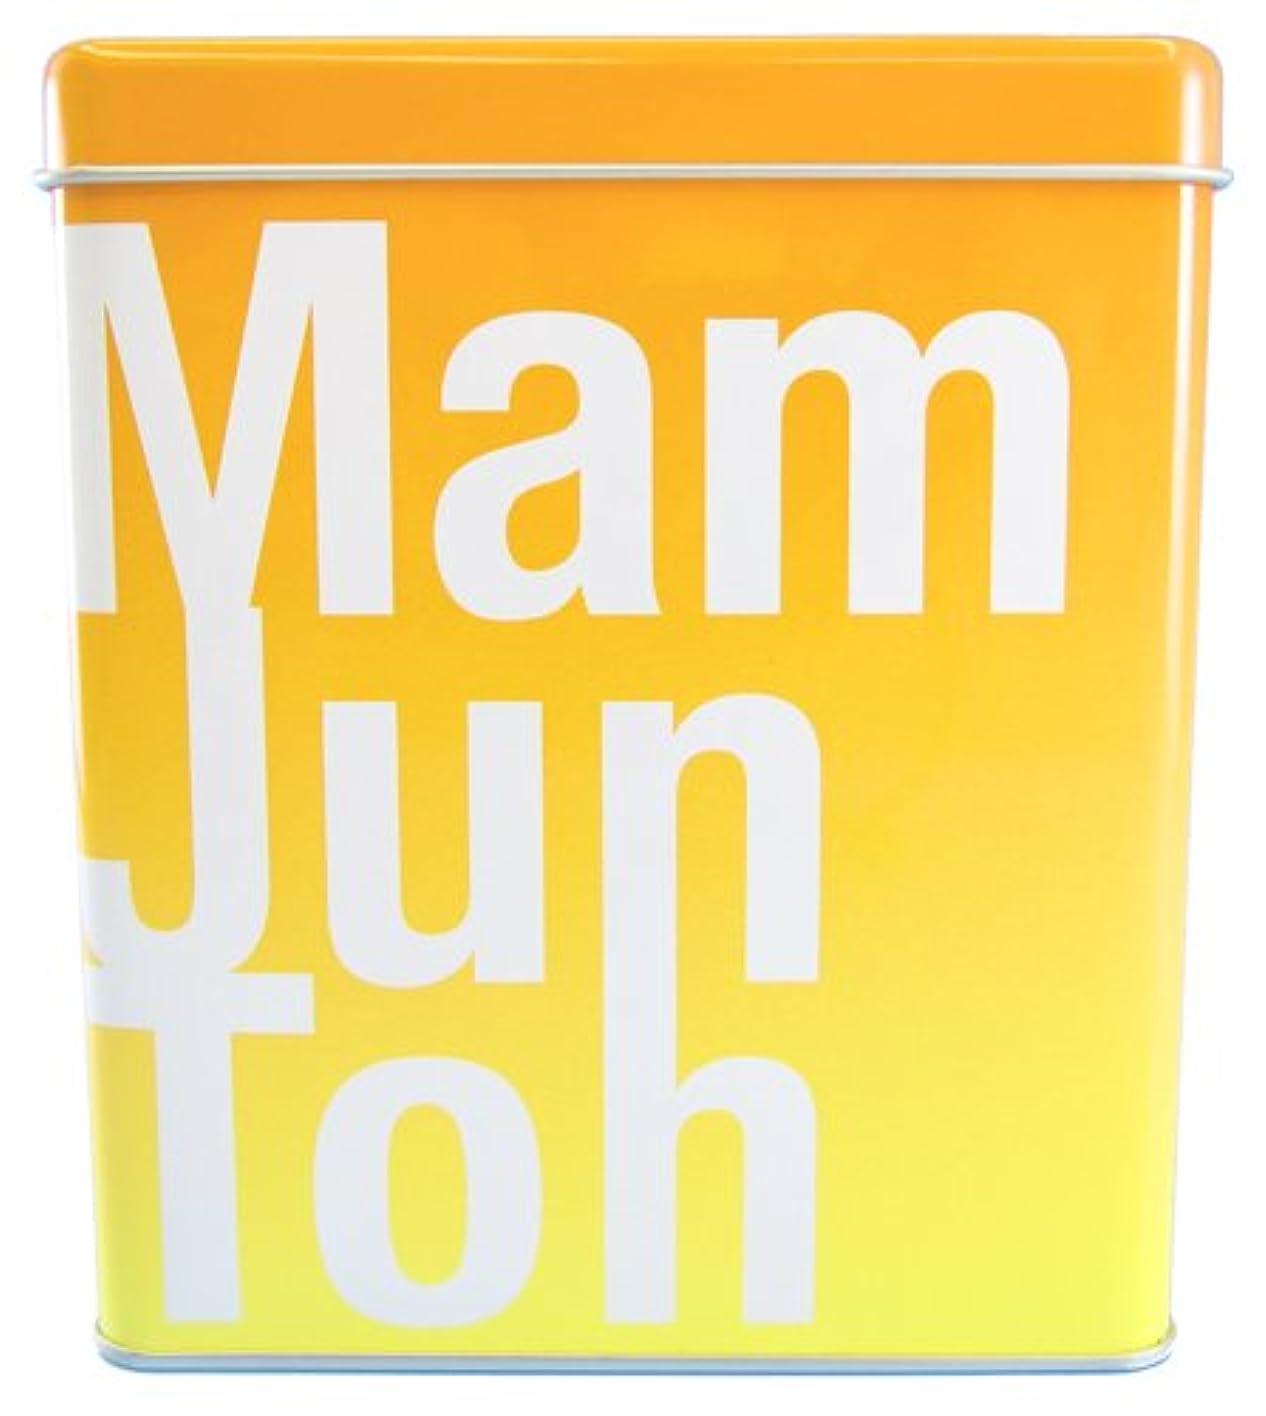 入場料バトルとして蔓潤湯 椿 パラダイス山元責任監修 薬用入浴剤 天然ビターオレンジの香り 750g